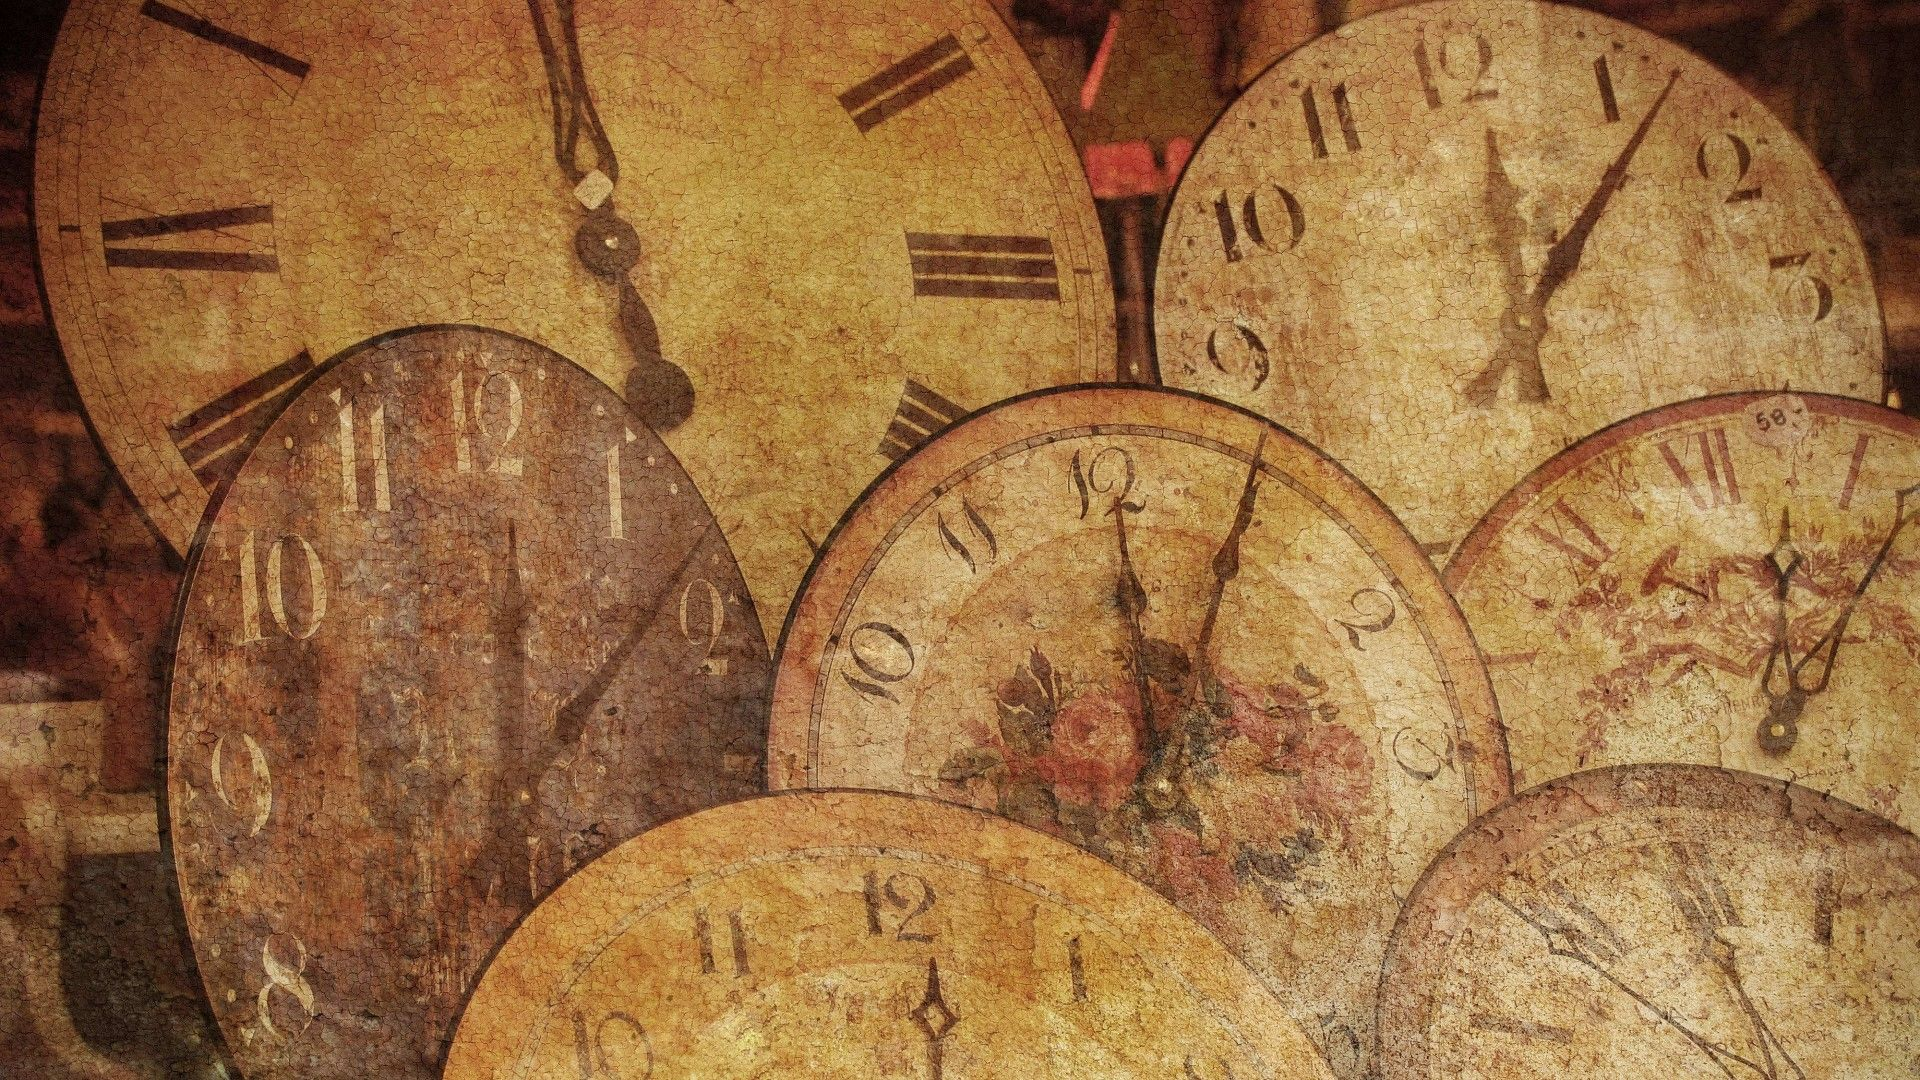 New Years Eve Wallpaper Iphone 6 Arrow Antique Texture Clock Wallpaper Desktop Image